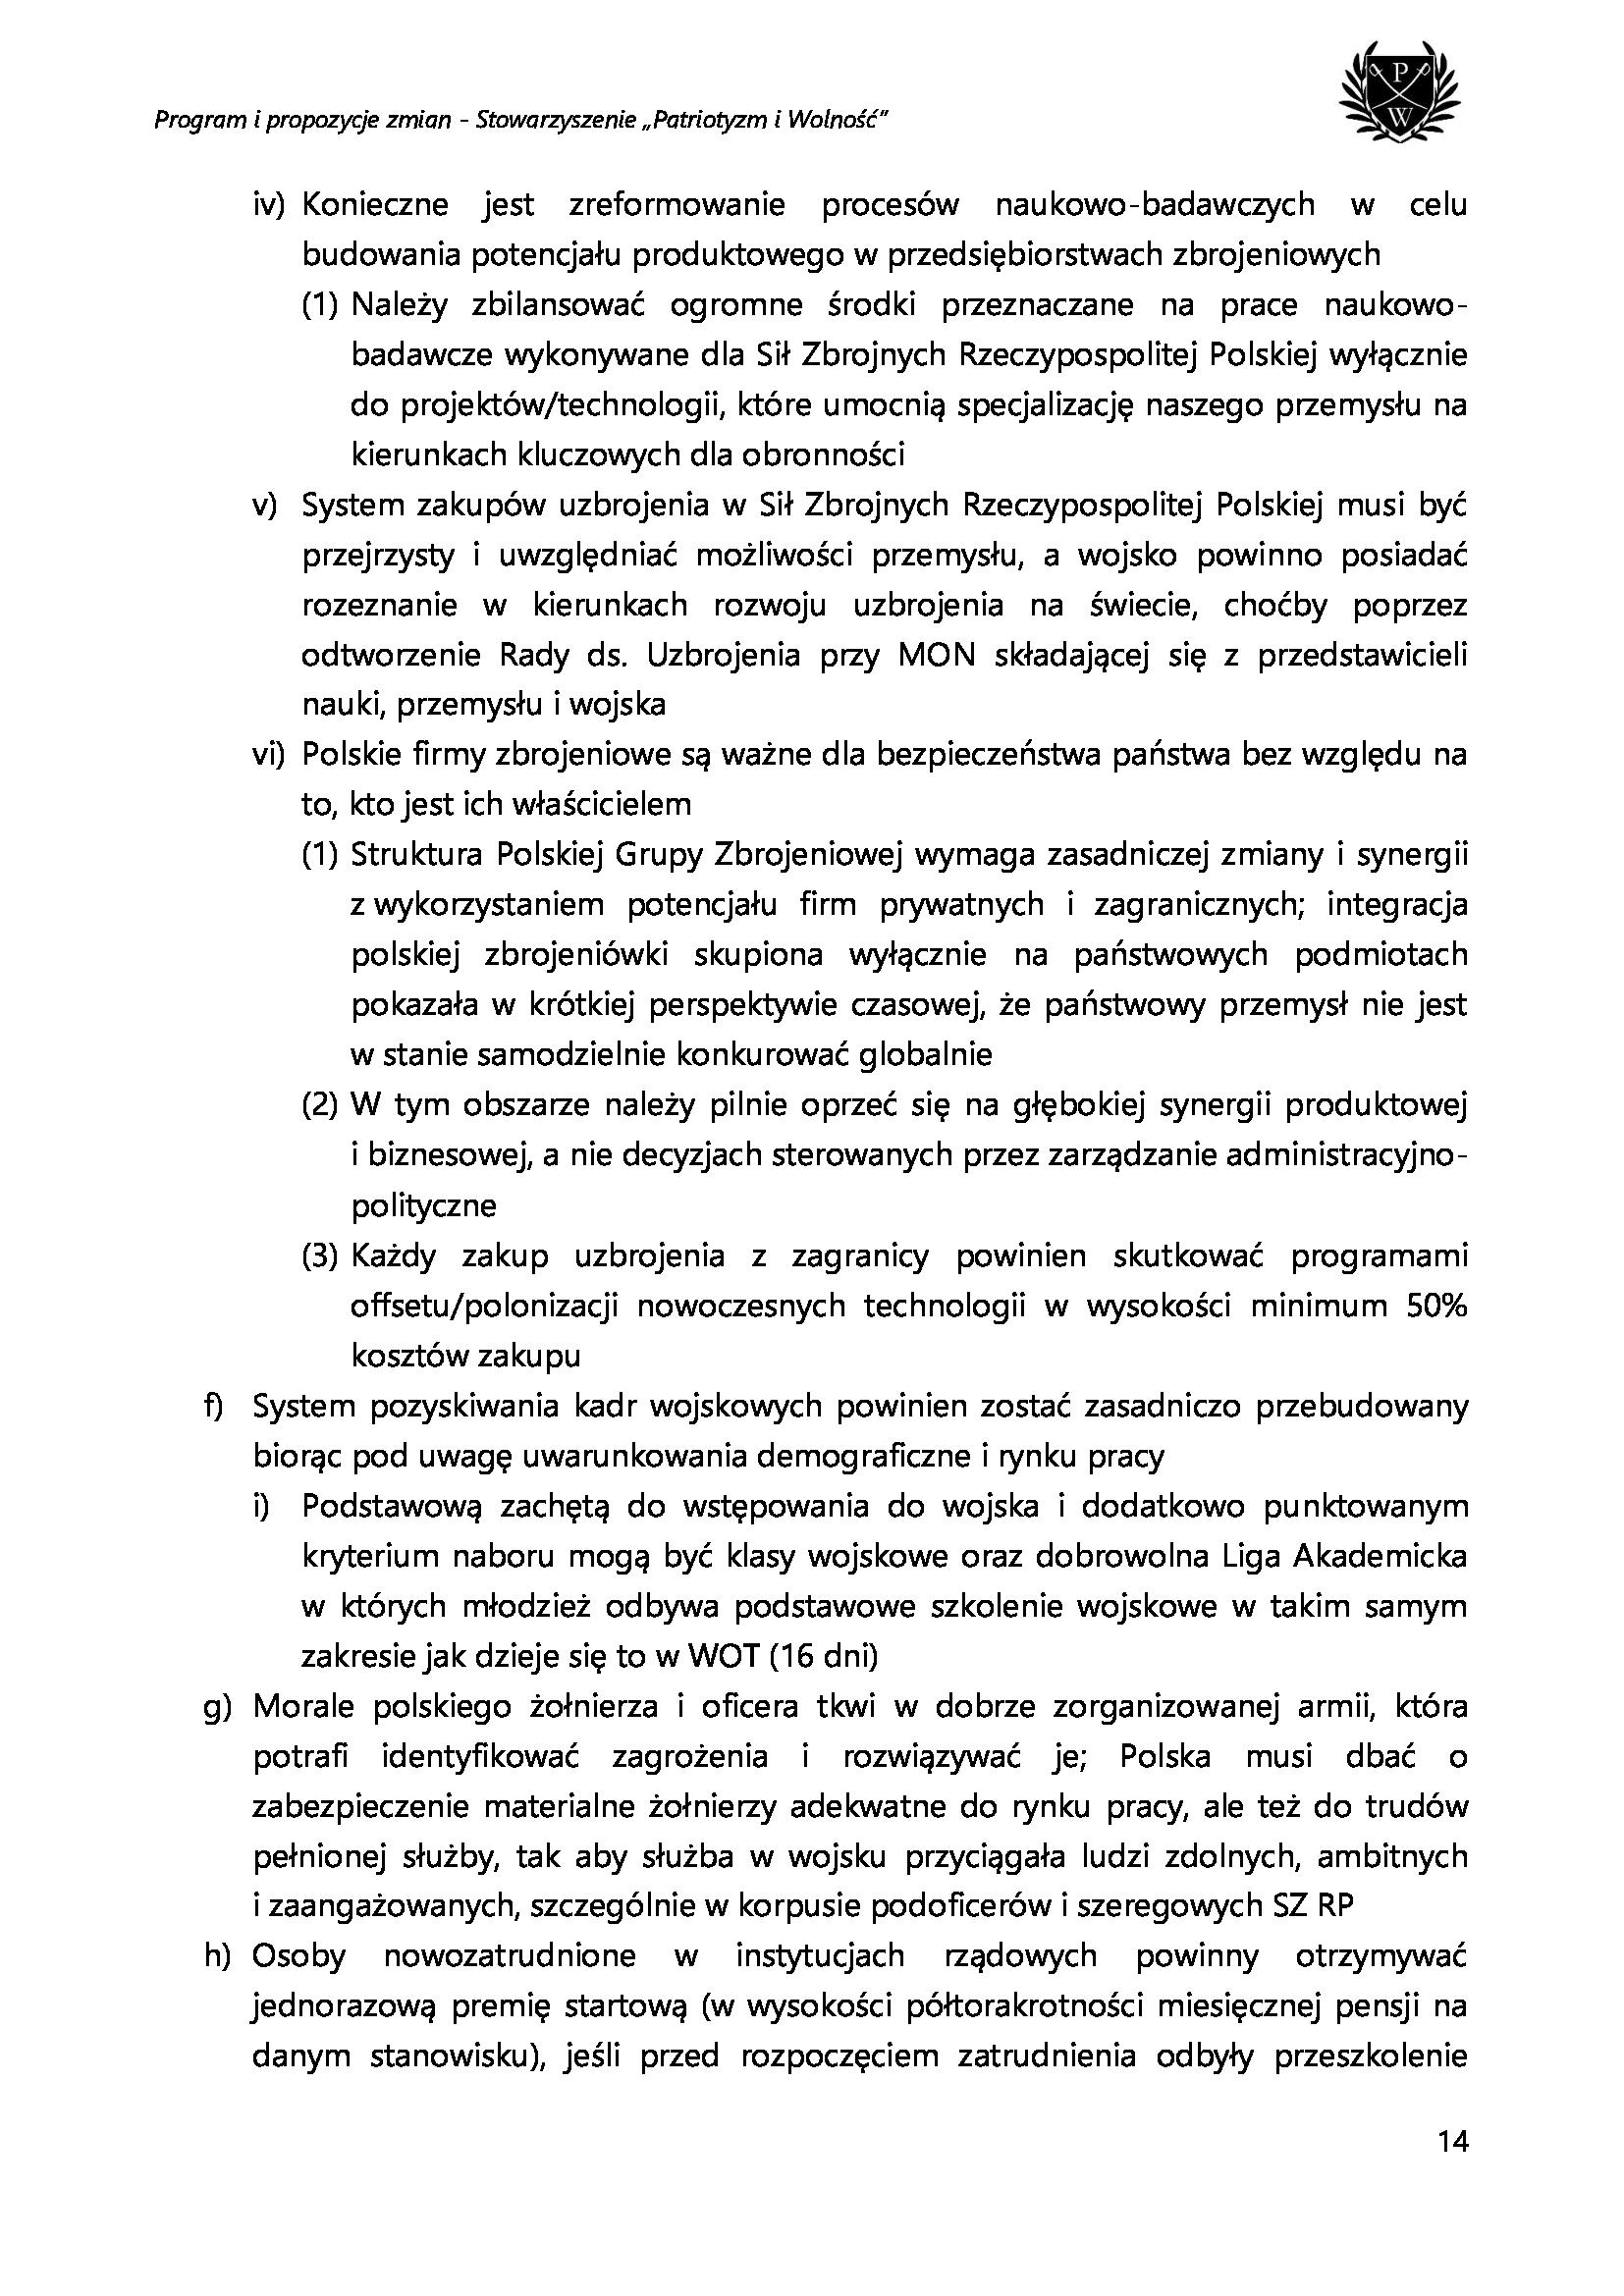 db9e272ef5a9a2e66d26f1905be6c507-14